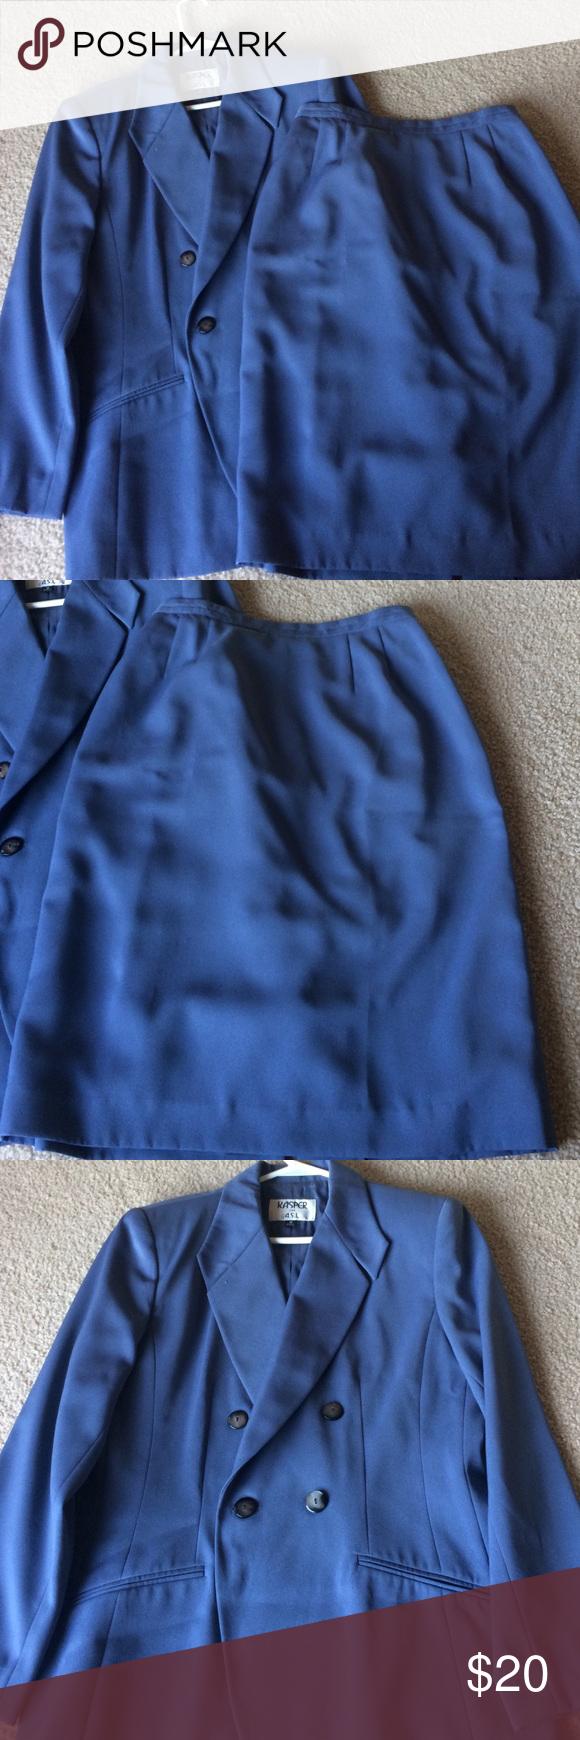 A light blue Casper size 10 skirt suit Casper size 10 skirt suit a light blue great condition you'll nailed that interview Kasper Other